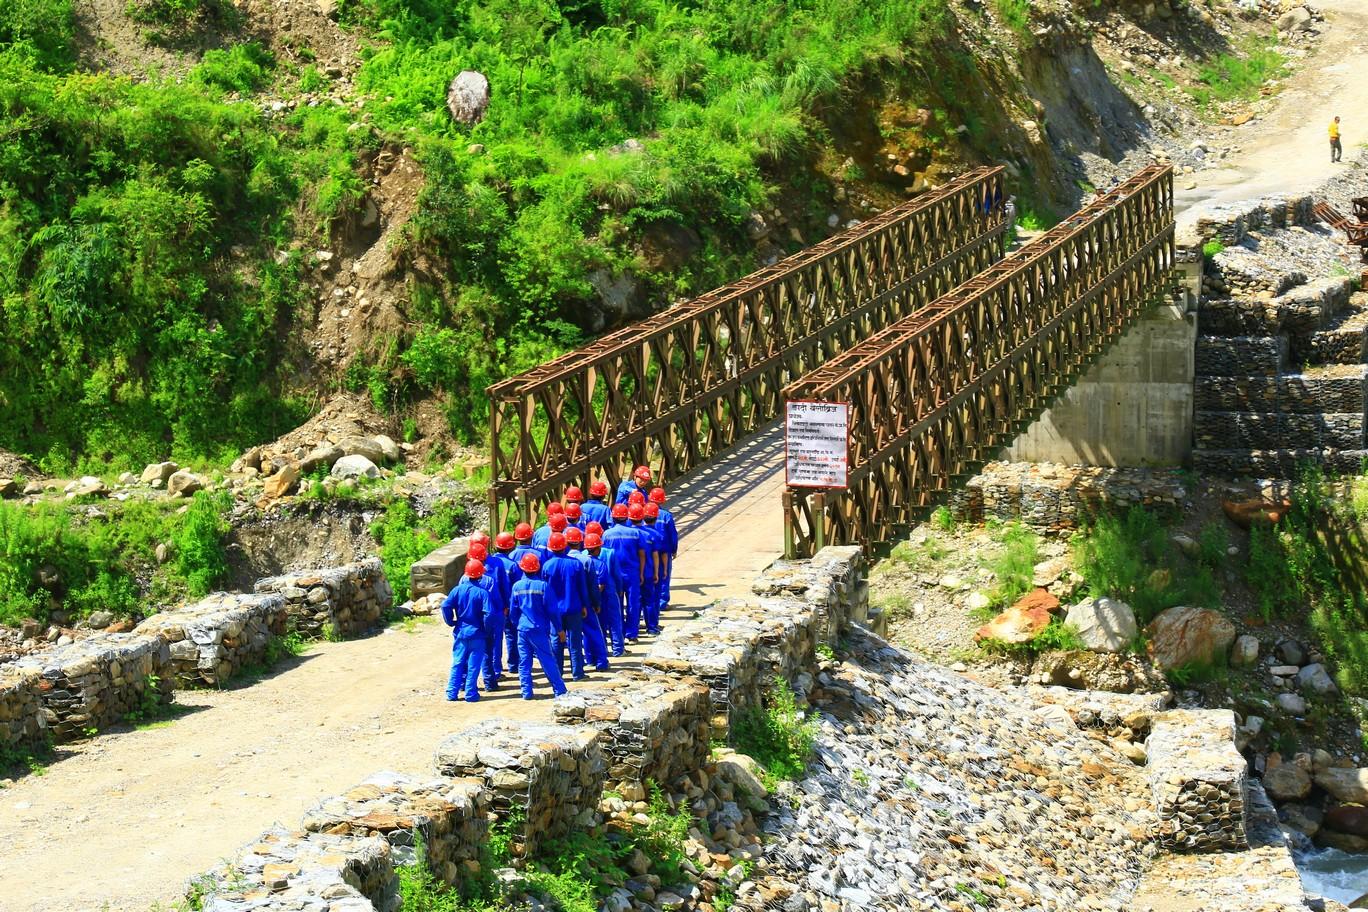 Dokumentation über chinesisches Wasserkraftwerk